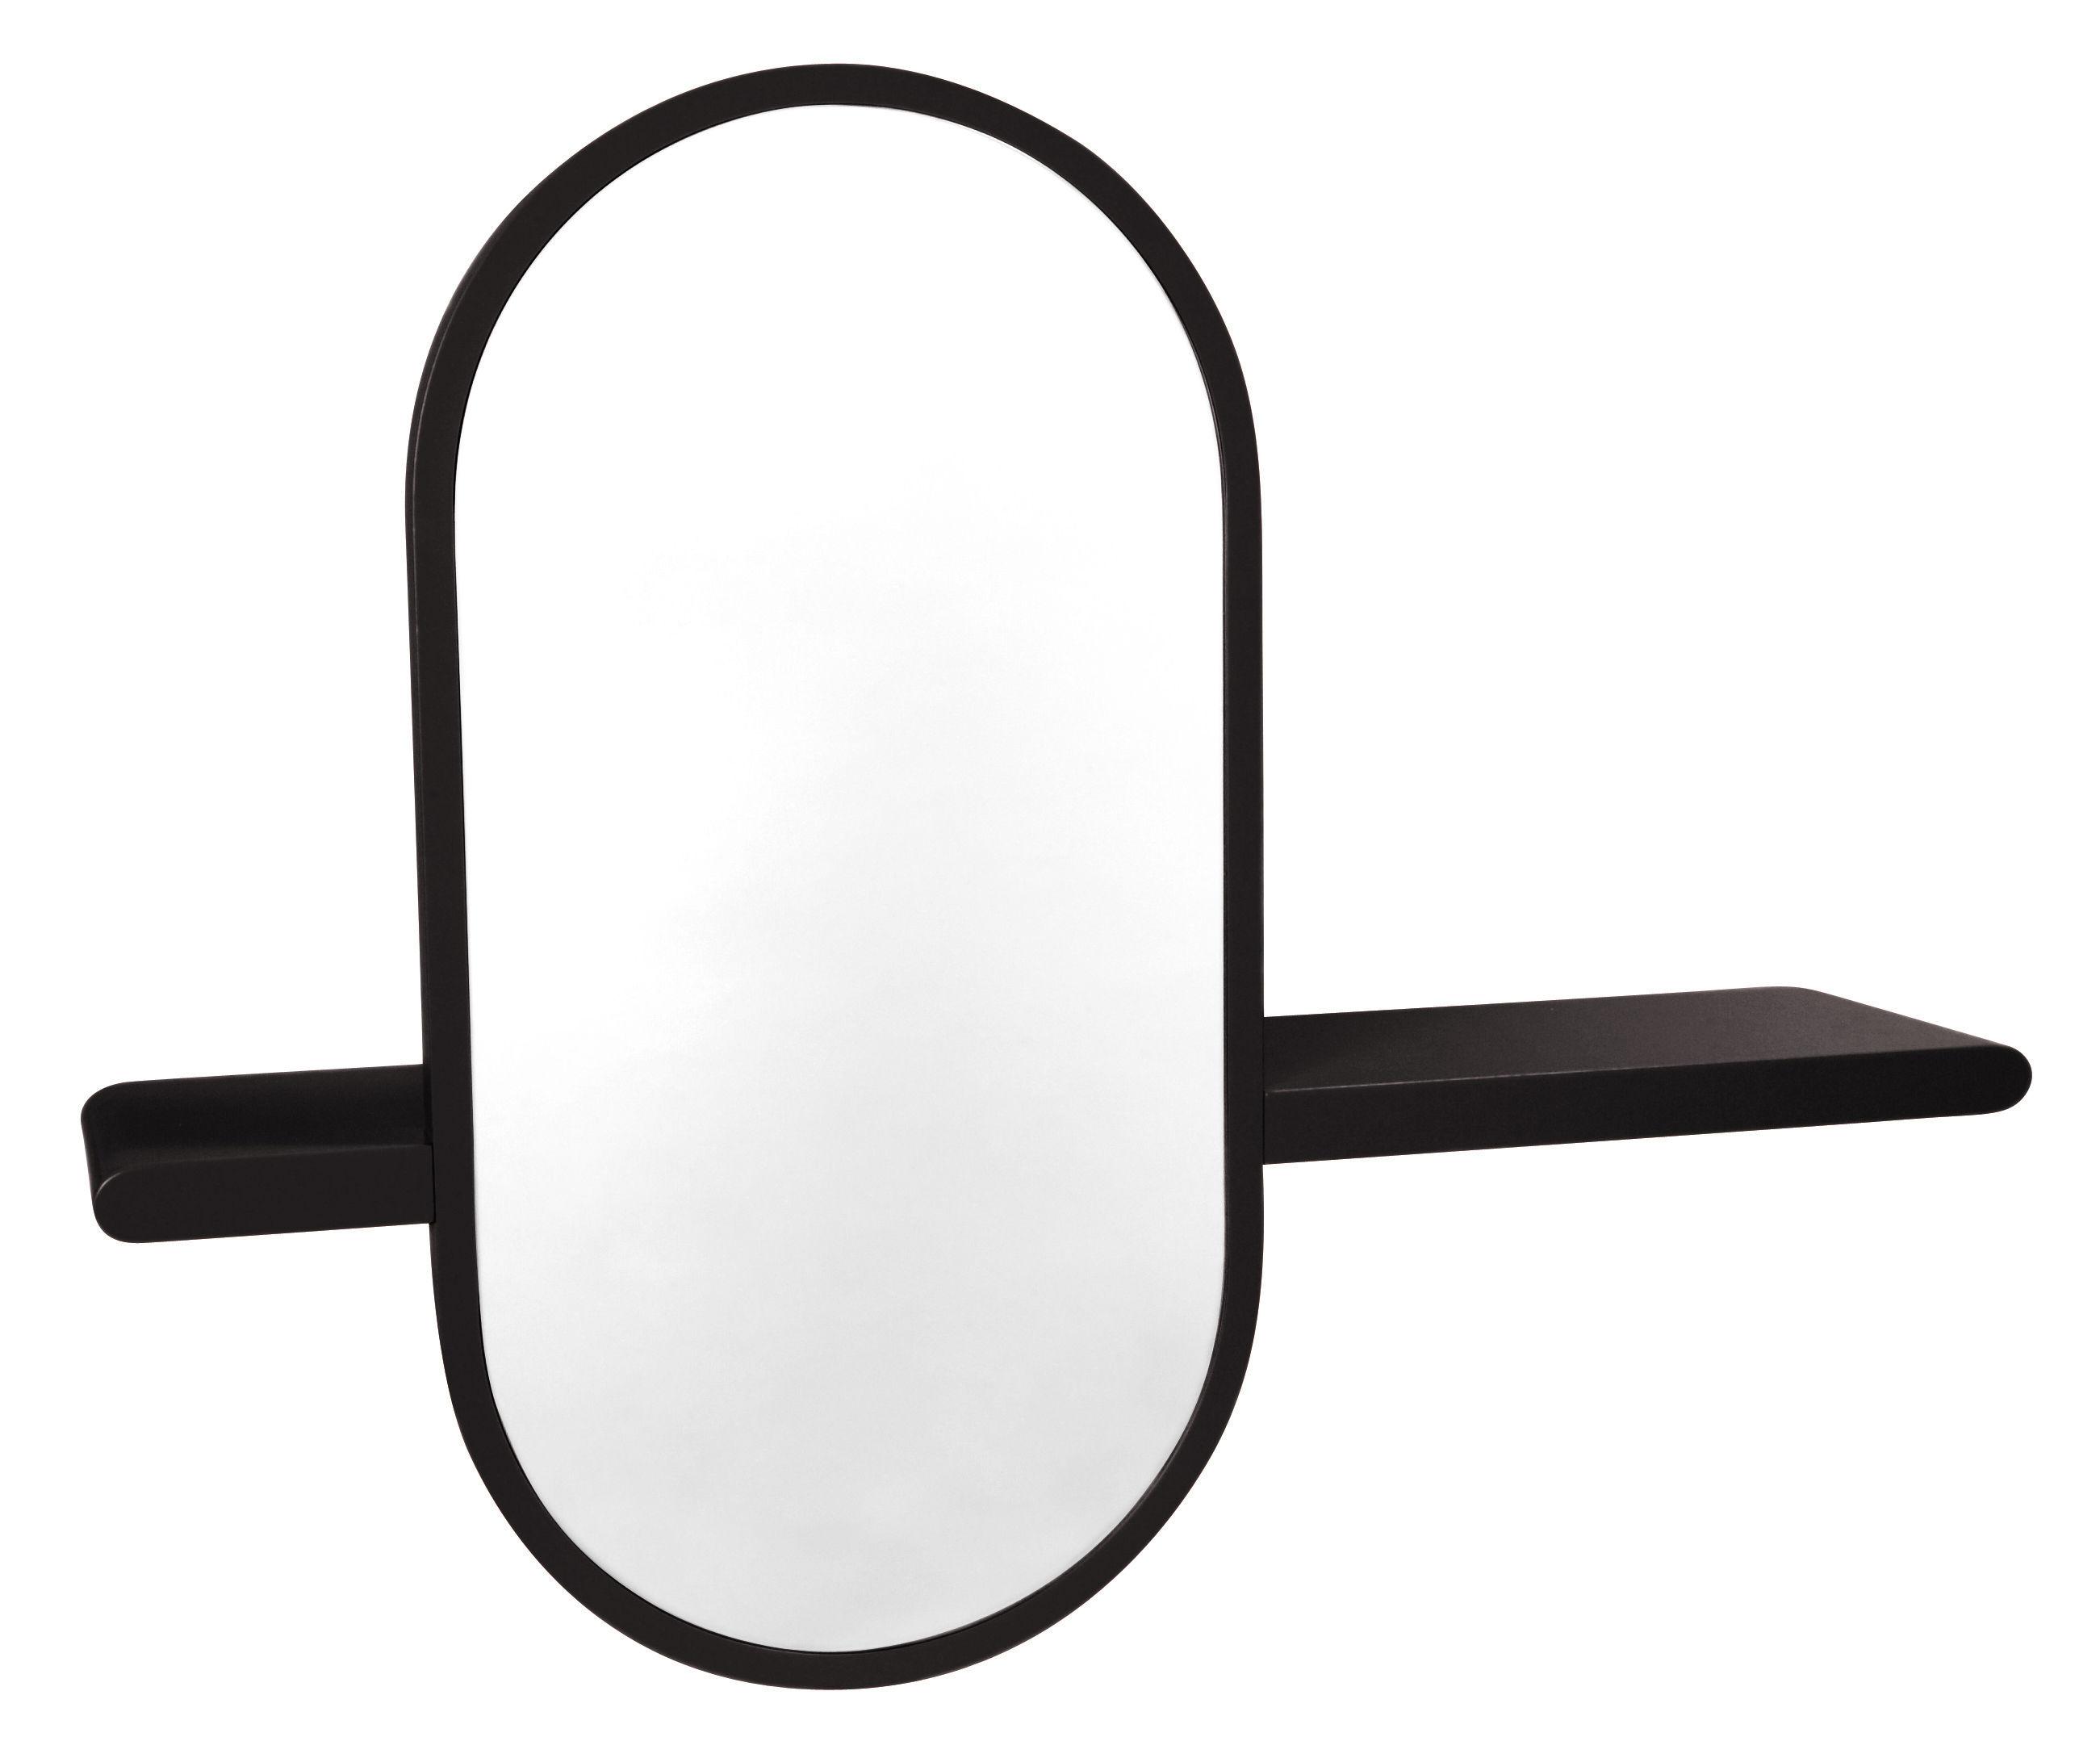 Mirette shelf oval vertical mirror l 80 cm dark brown for Mirror 80 x 50